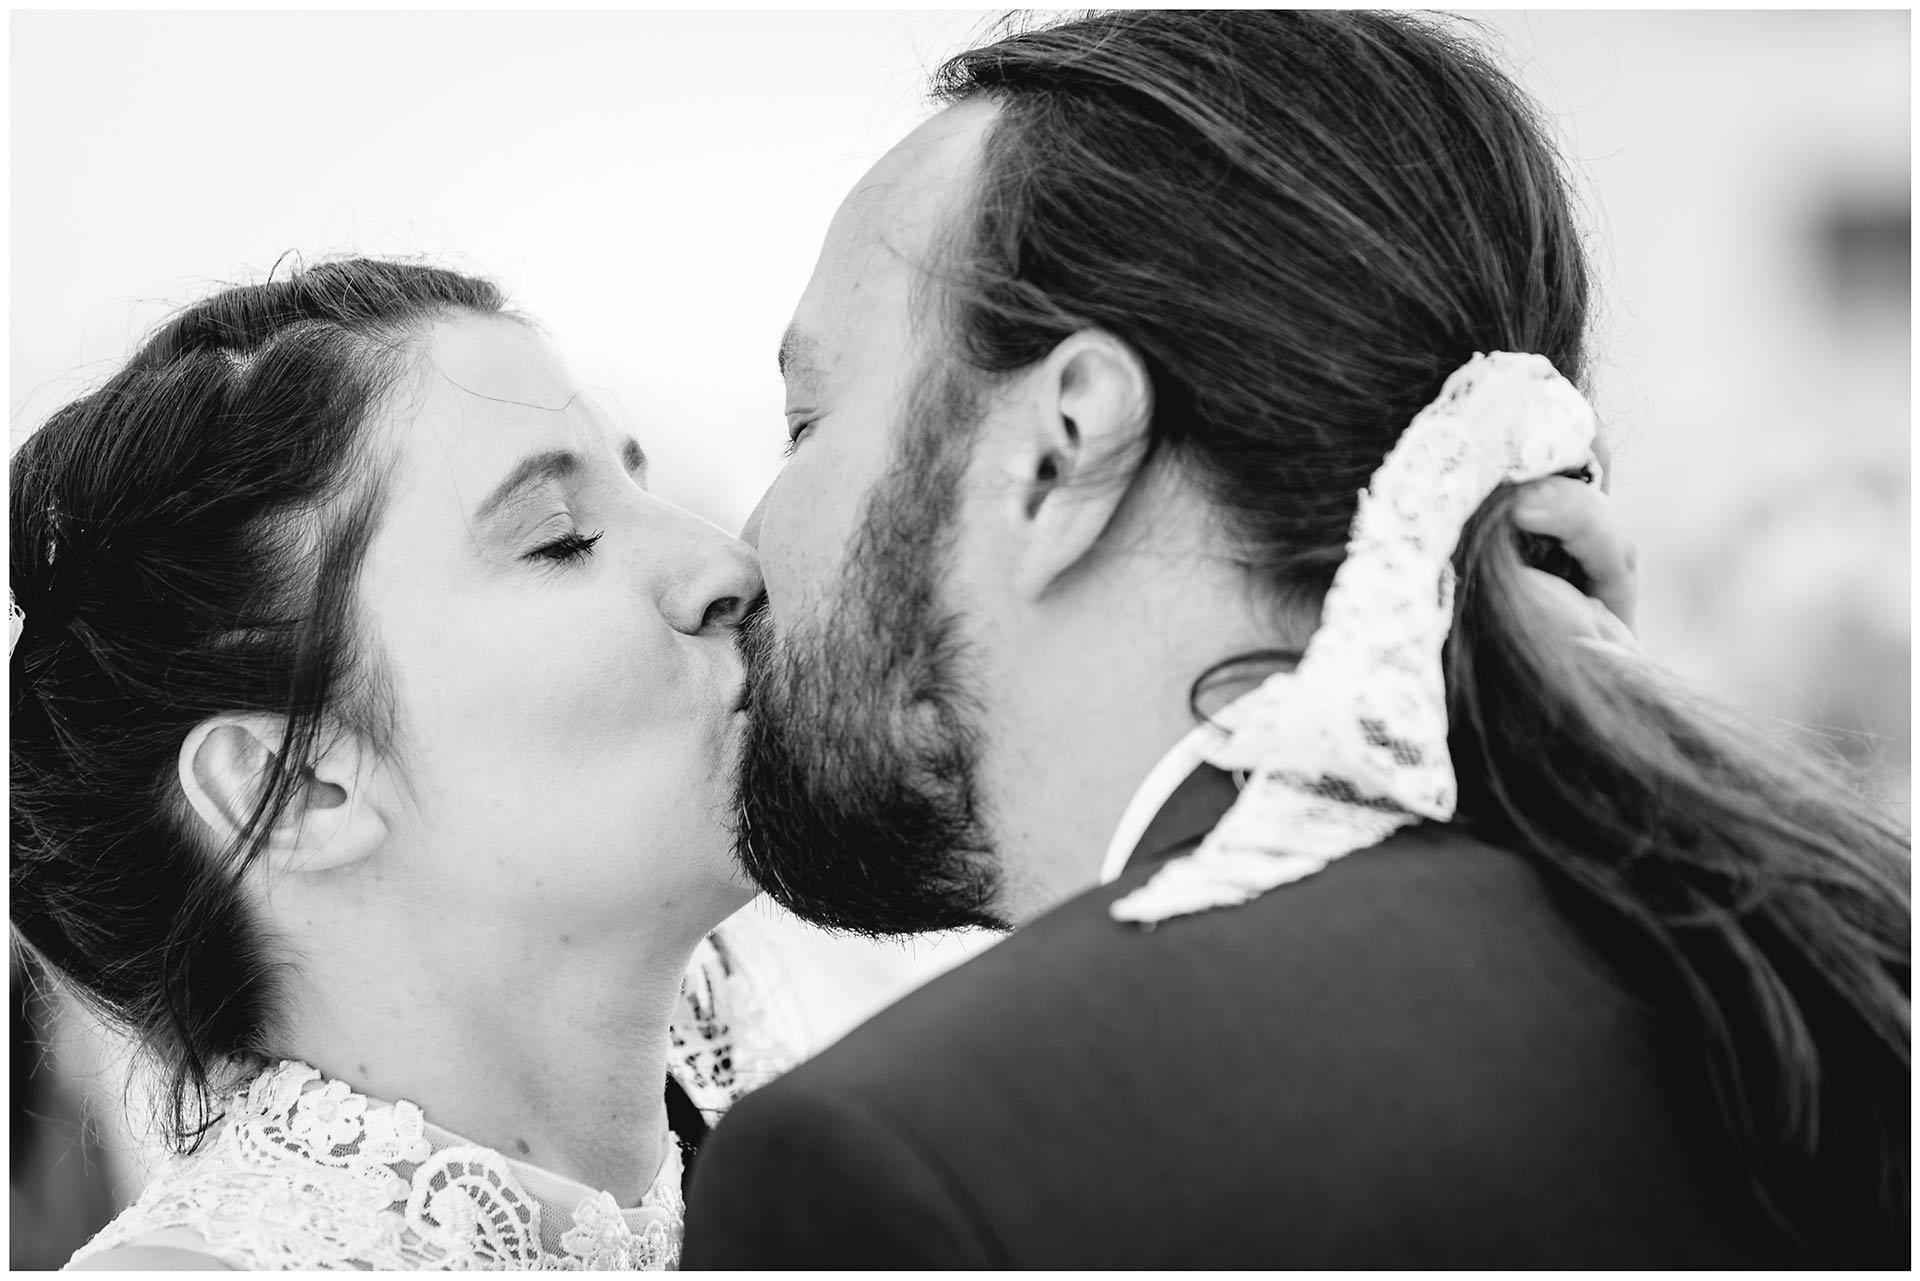 Portraitfoto_Hochzeitspaar-kuesst-sich-liebevoll-Hochzeit-am-Strand-Hochzeitsfotograf-Warnemuende-Hochzeitsfotograf-Rostock-Hochzeitsfotograf-Ostseebad-Warnemuende